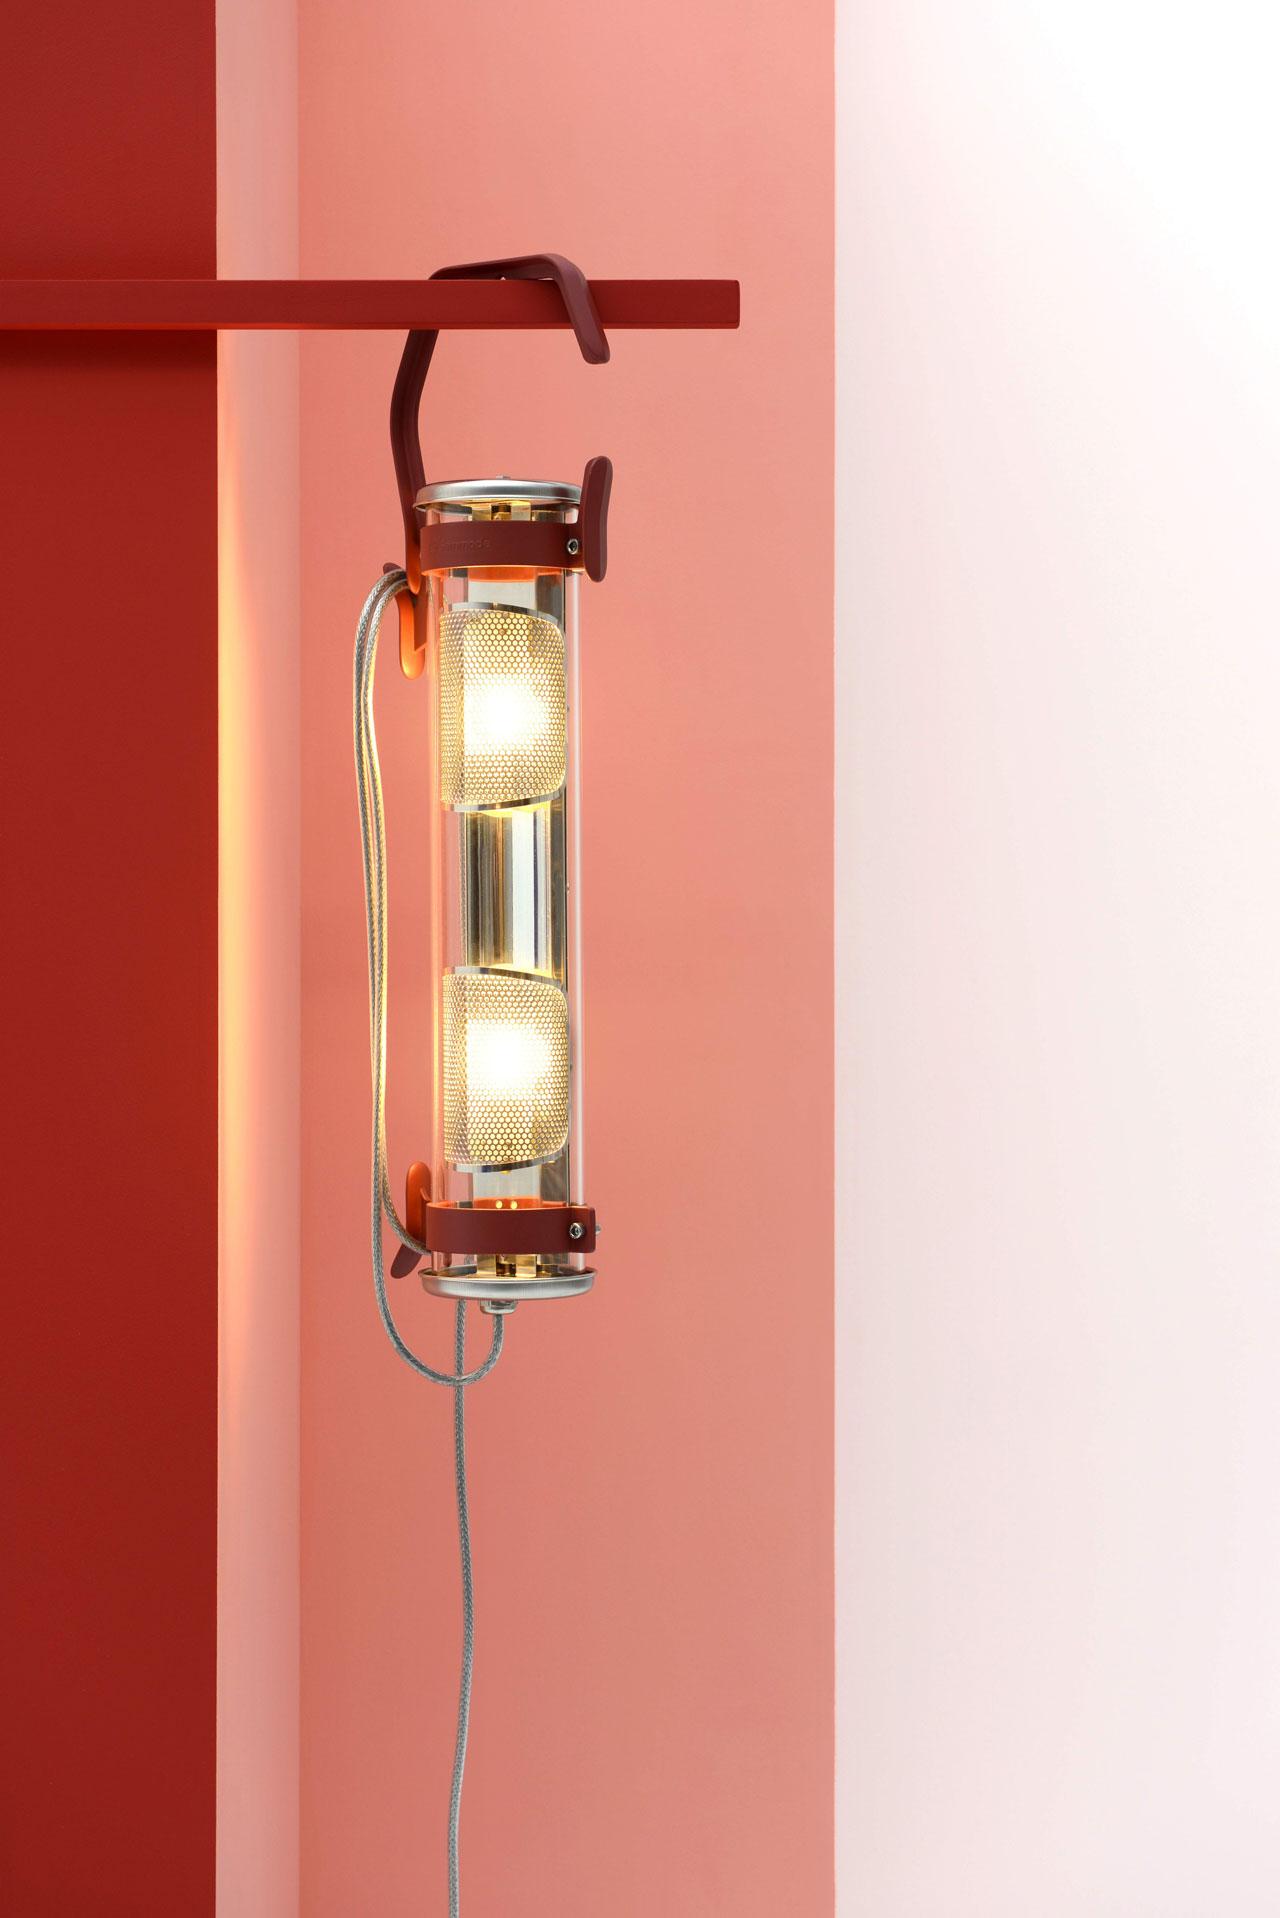 Balke hooklamp by Sammode.